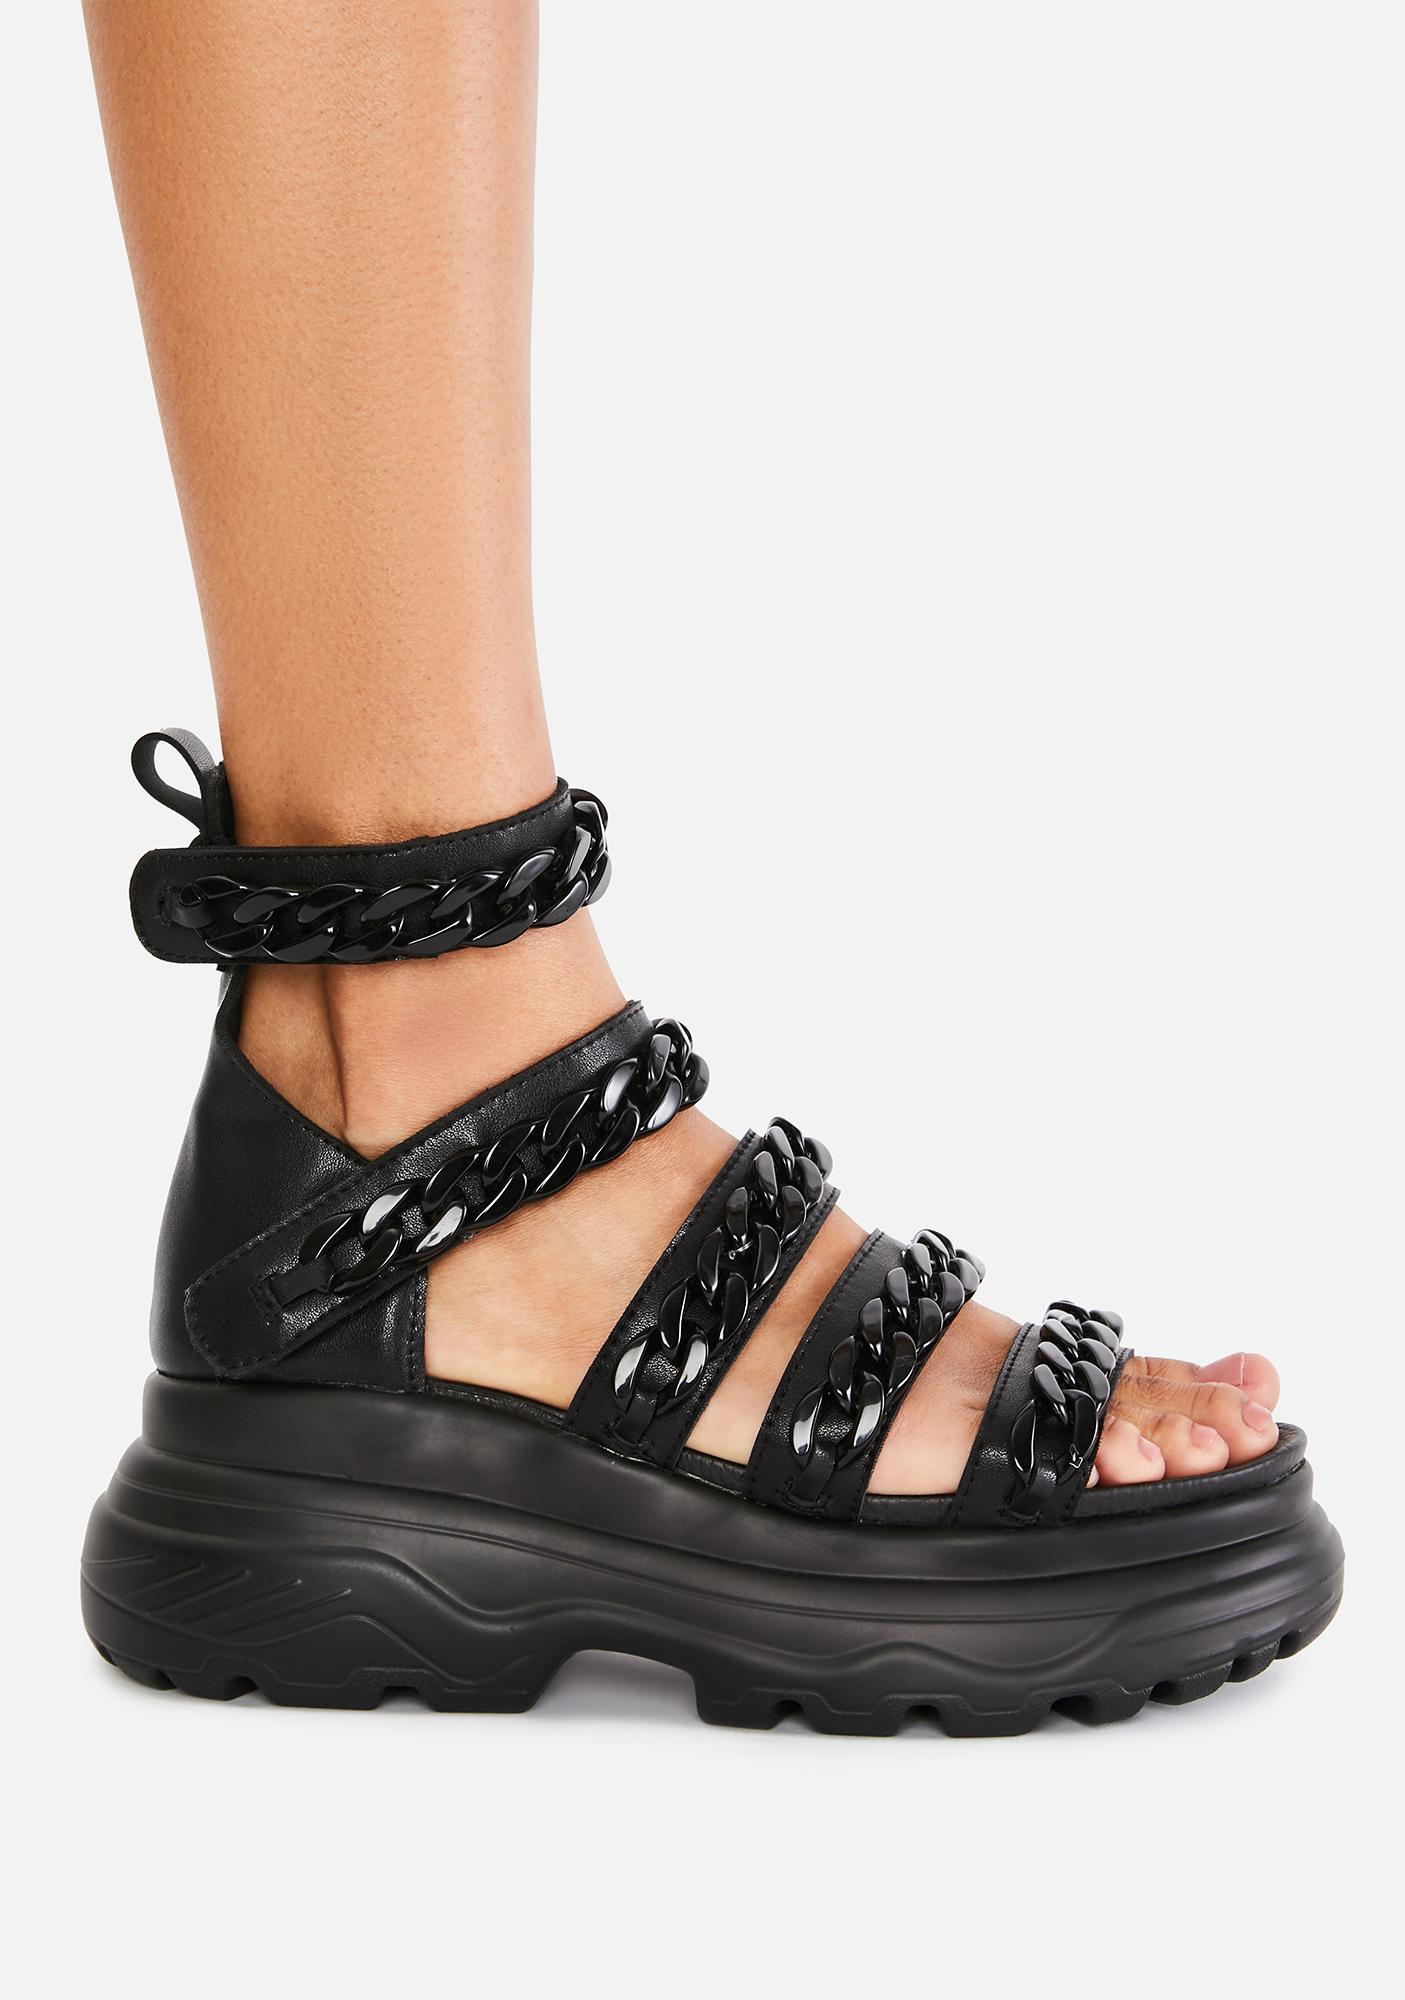 Koi Footwear Strident Chain Gladiator Sandals